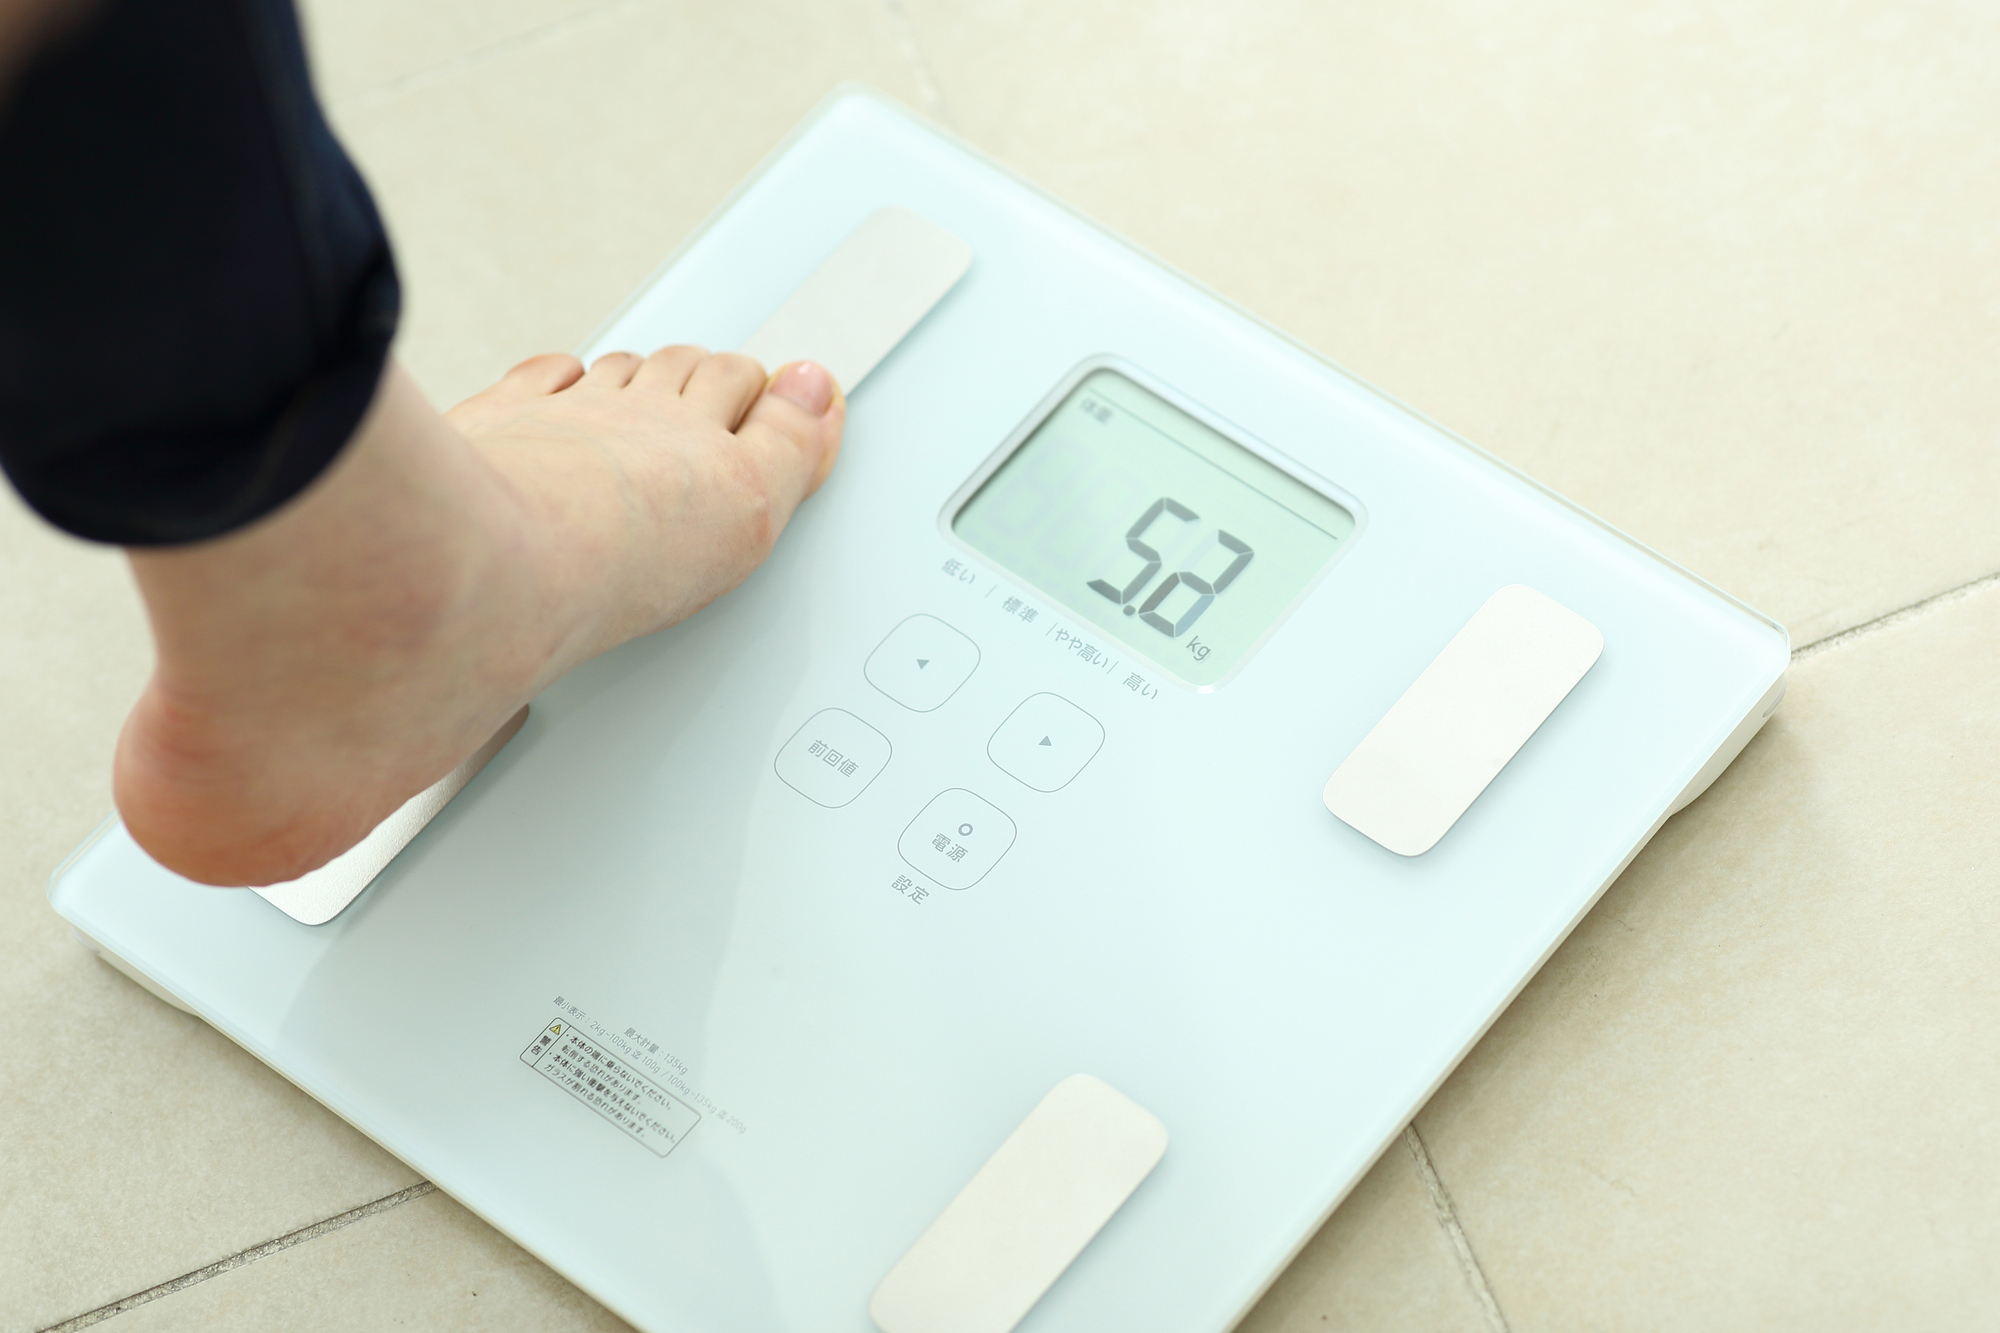 【計量の雑学】あなたの家の体重計にもある!家庭用特定計量器の「丸正マーク」とは?